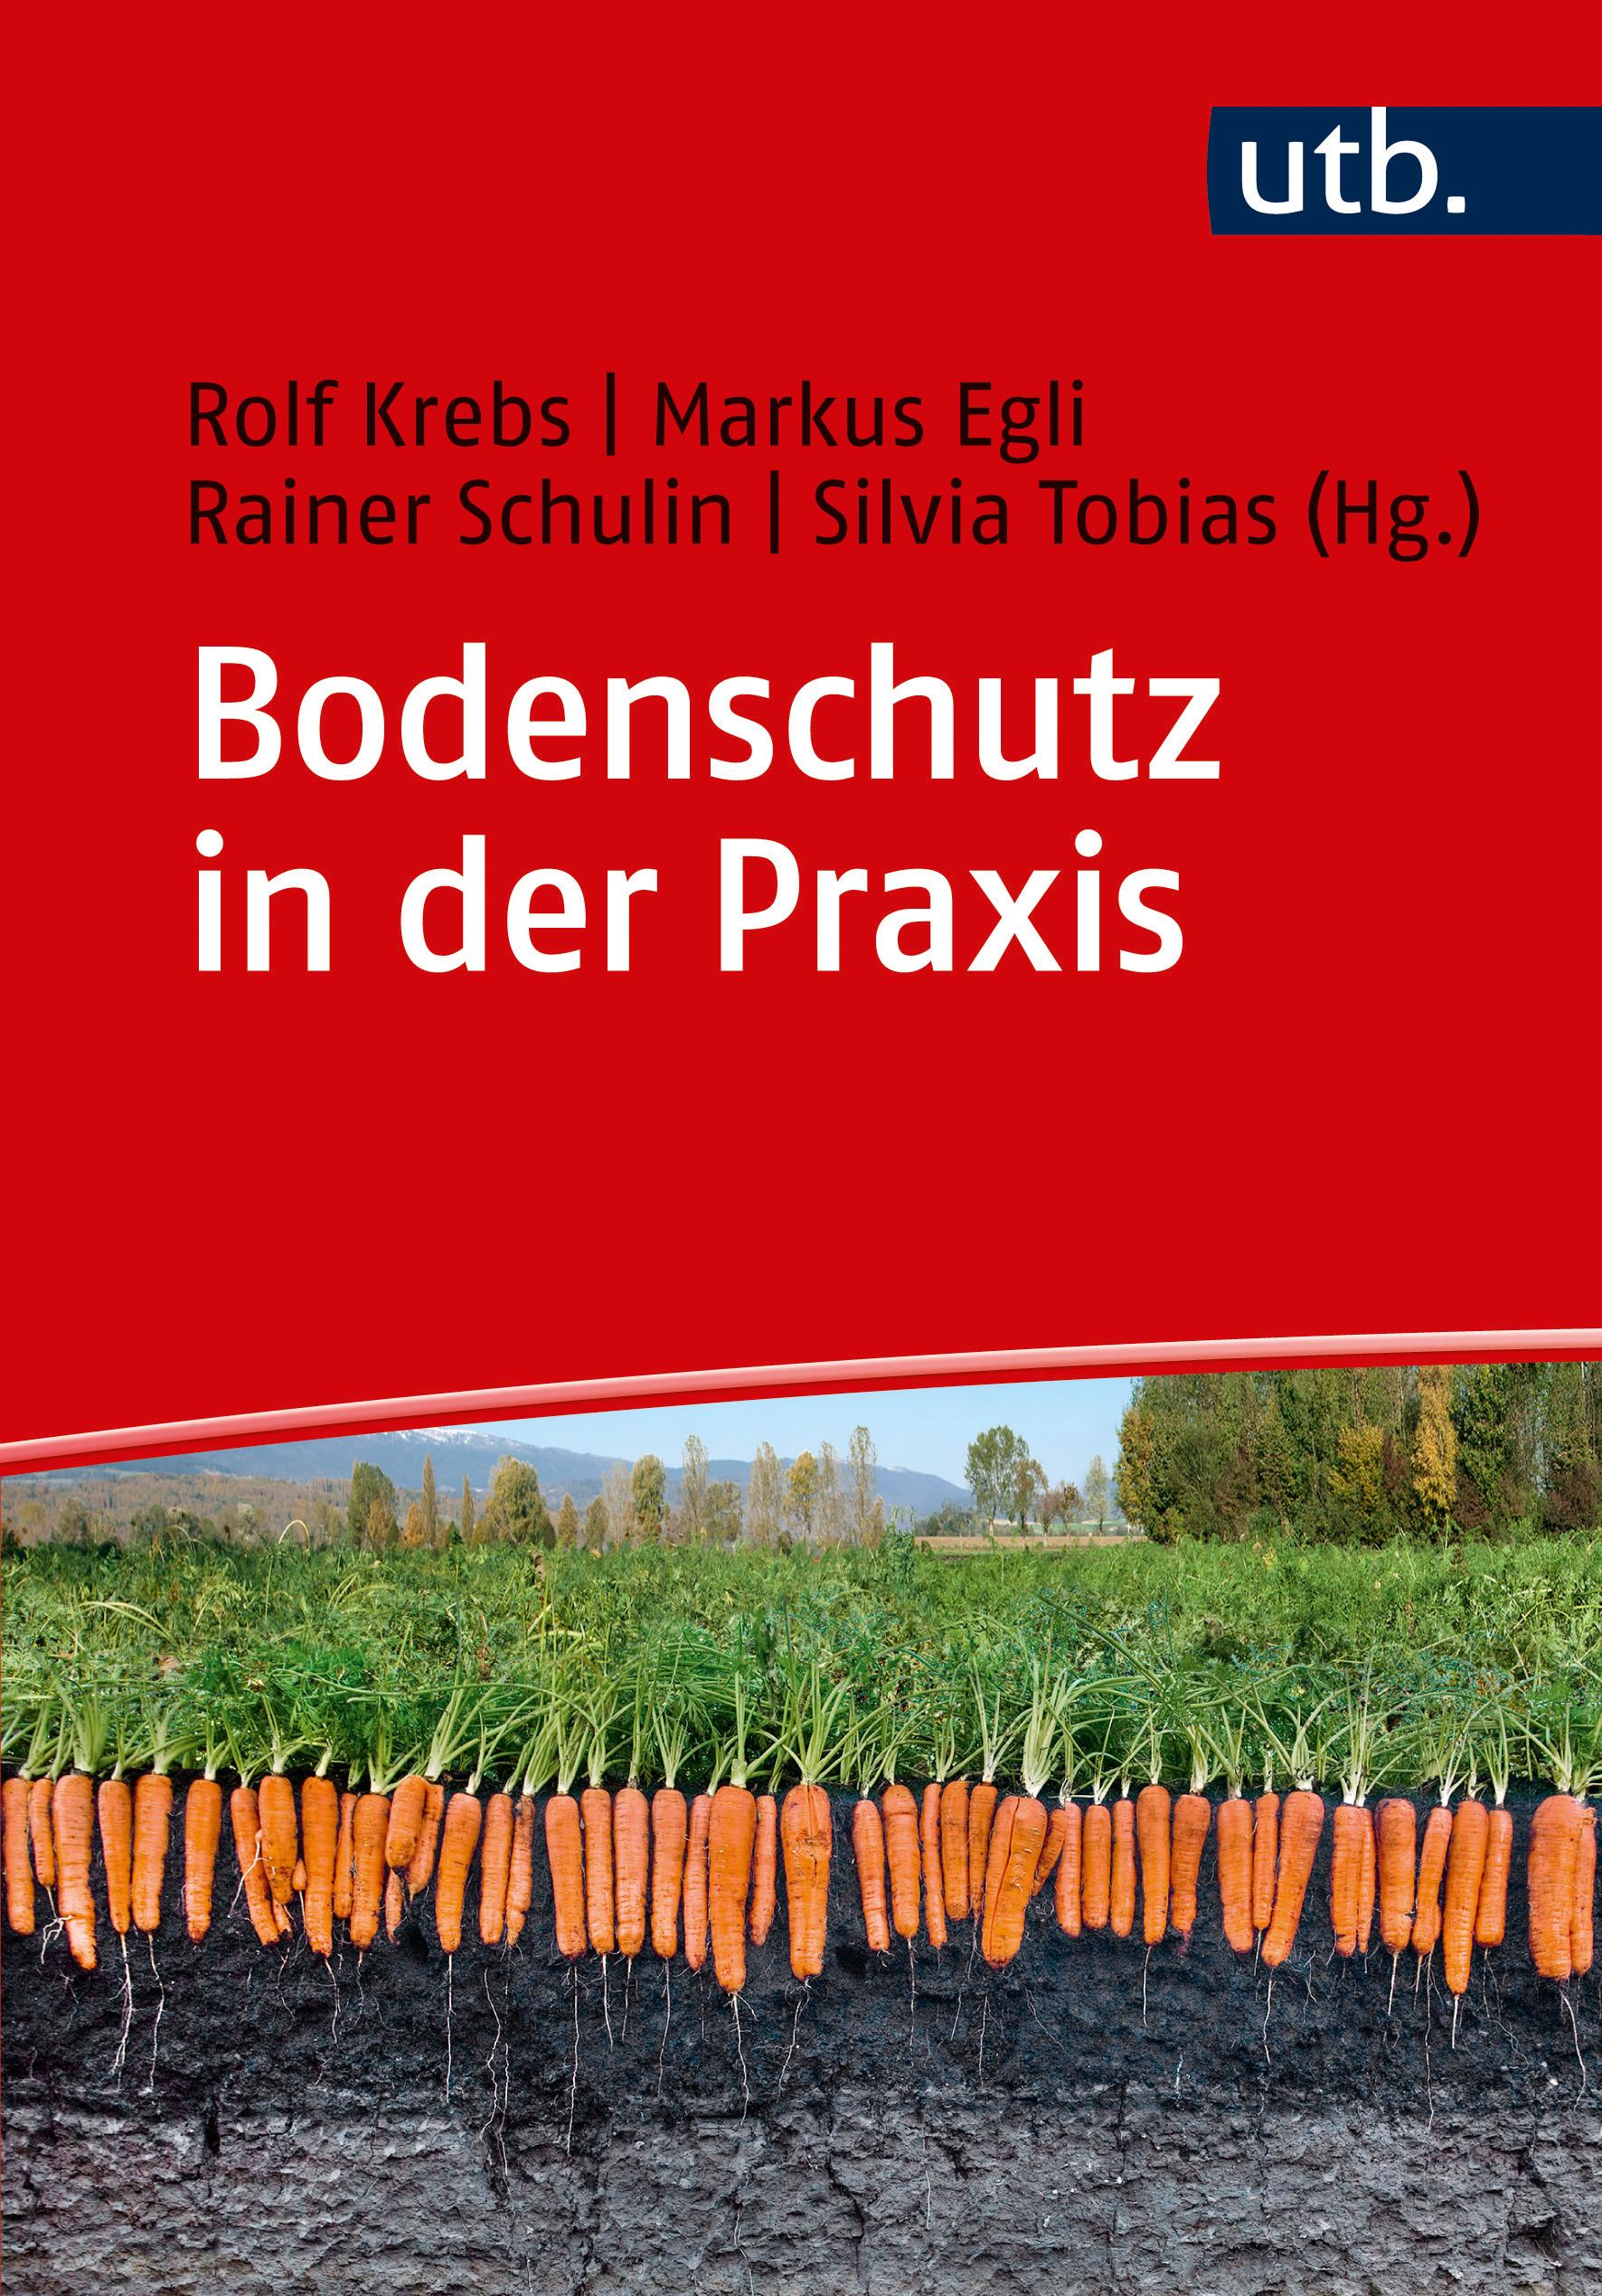 Bodenschutz in der Praxis von Egli, Markus, Krebs, Rolf, Schulin, Rain